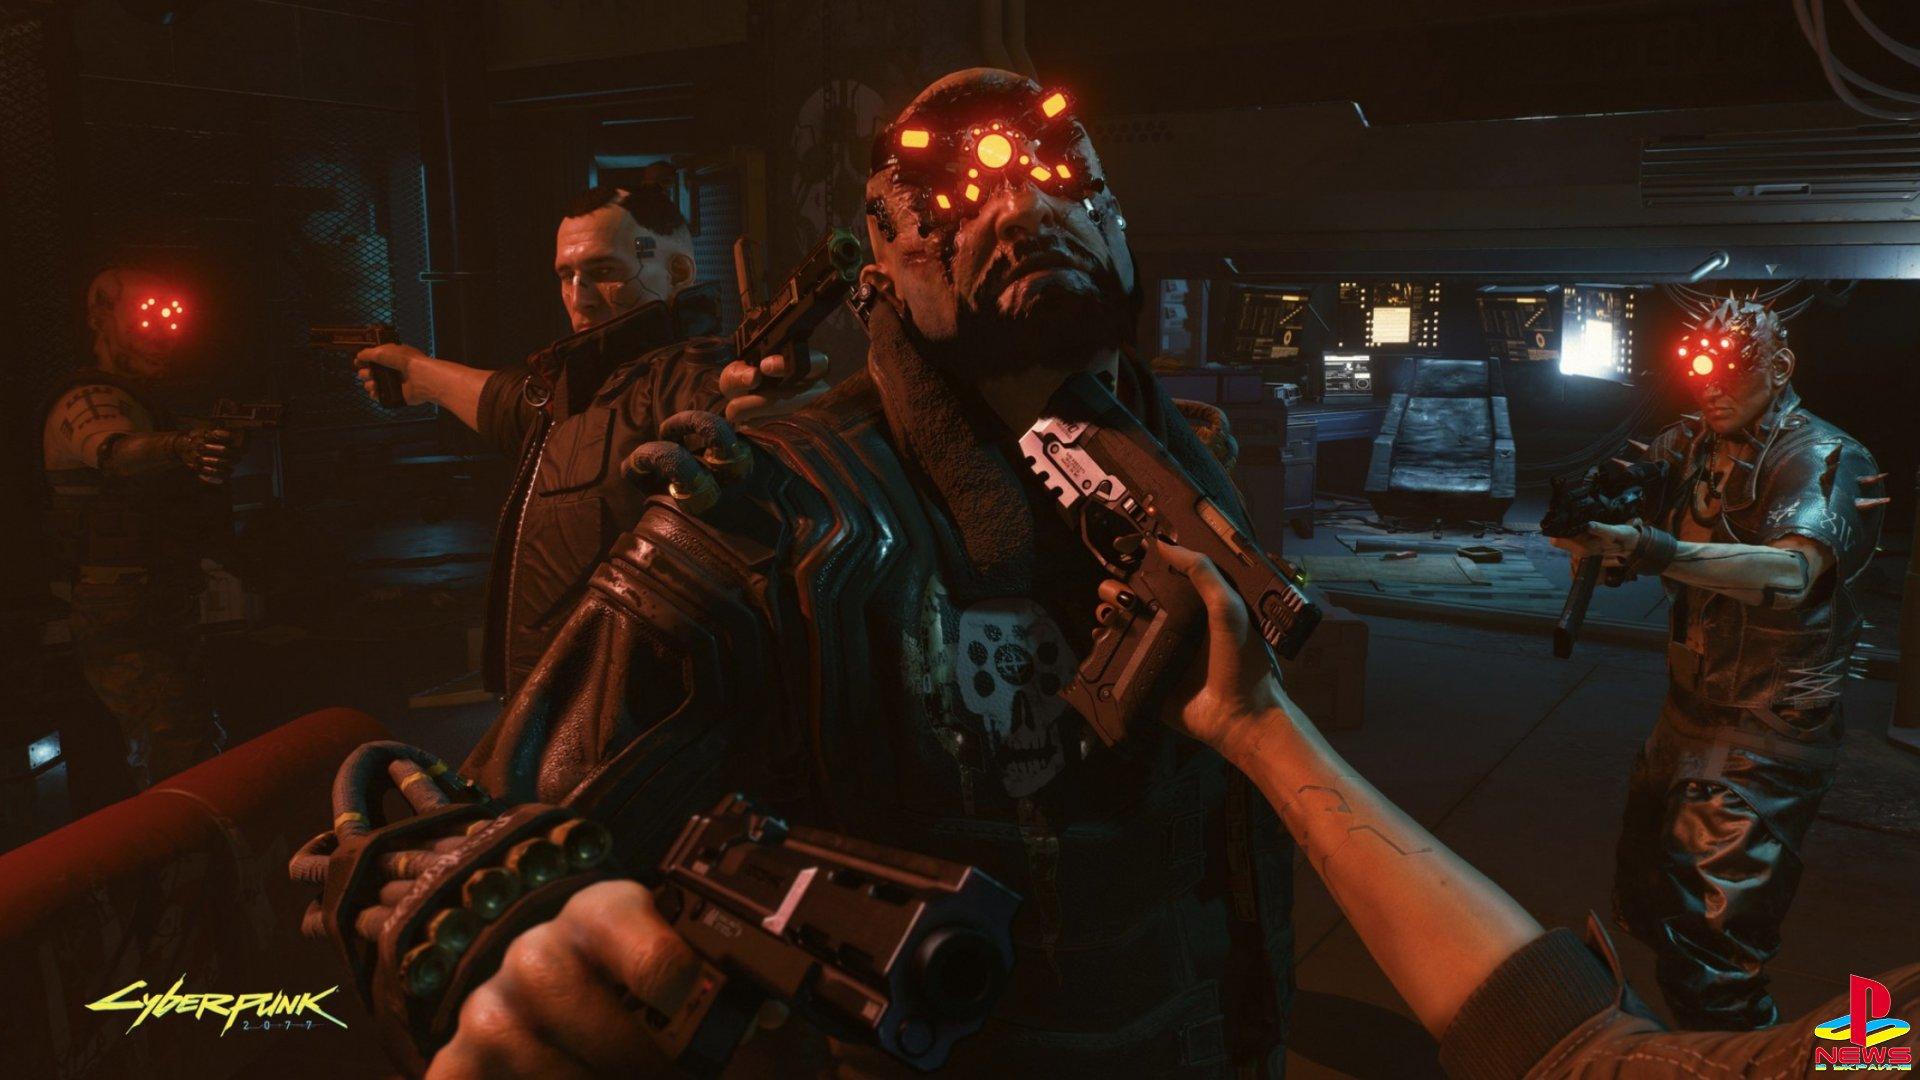 В Cyberpunk 2077 будет на 20% больше озвученных реплик, чем в «Ведьмаке 3»